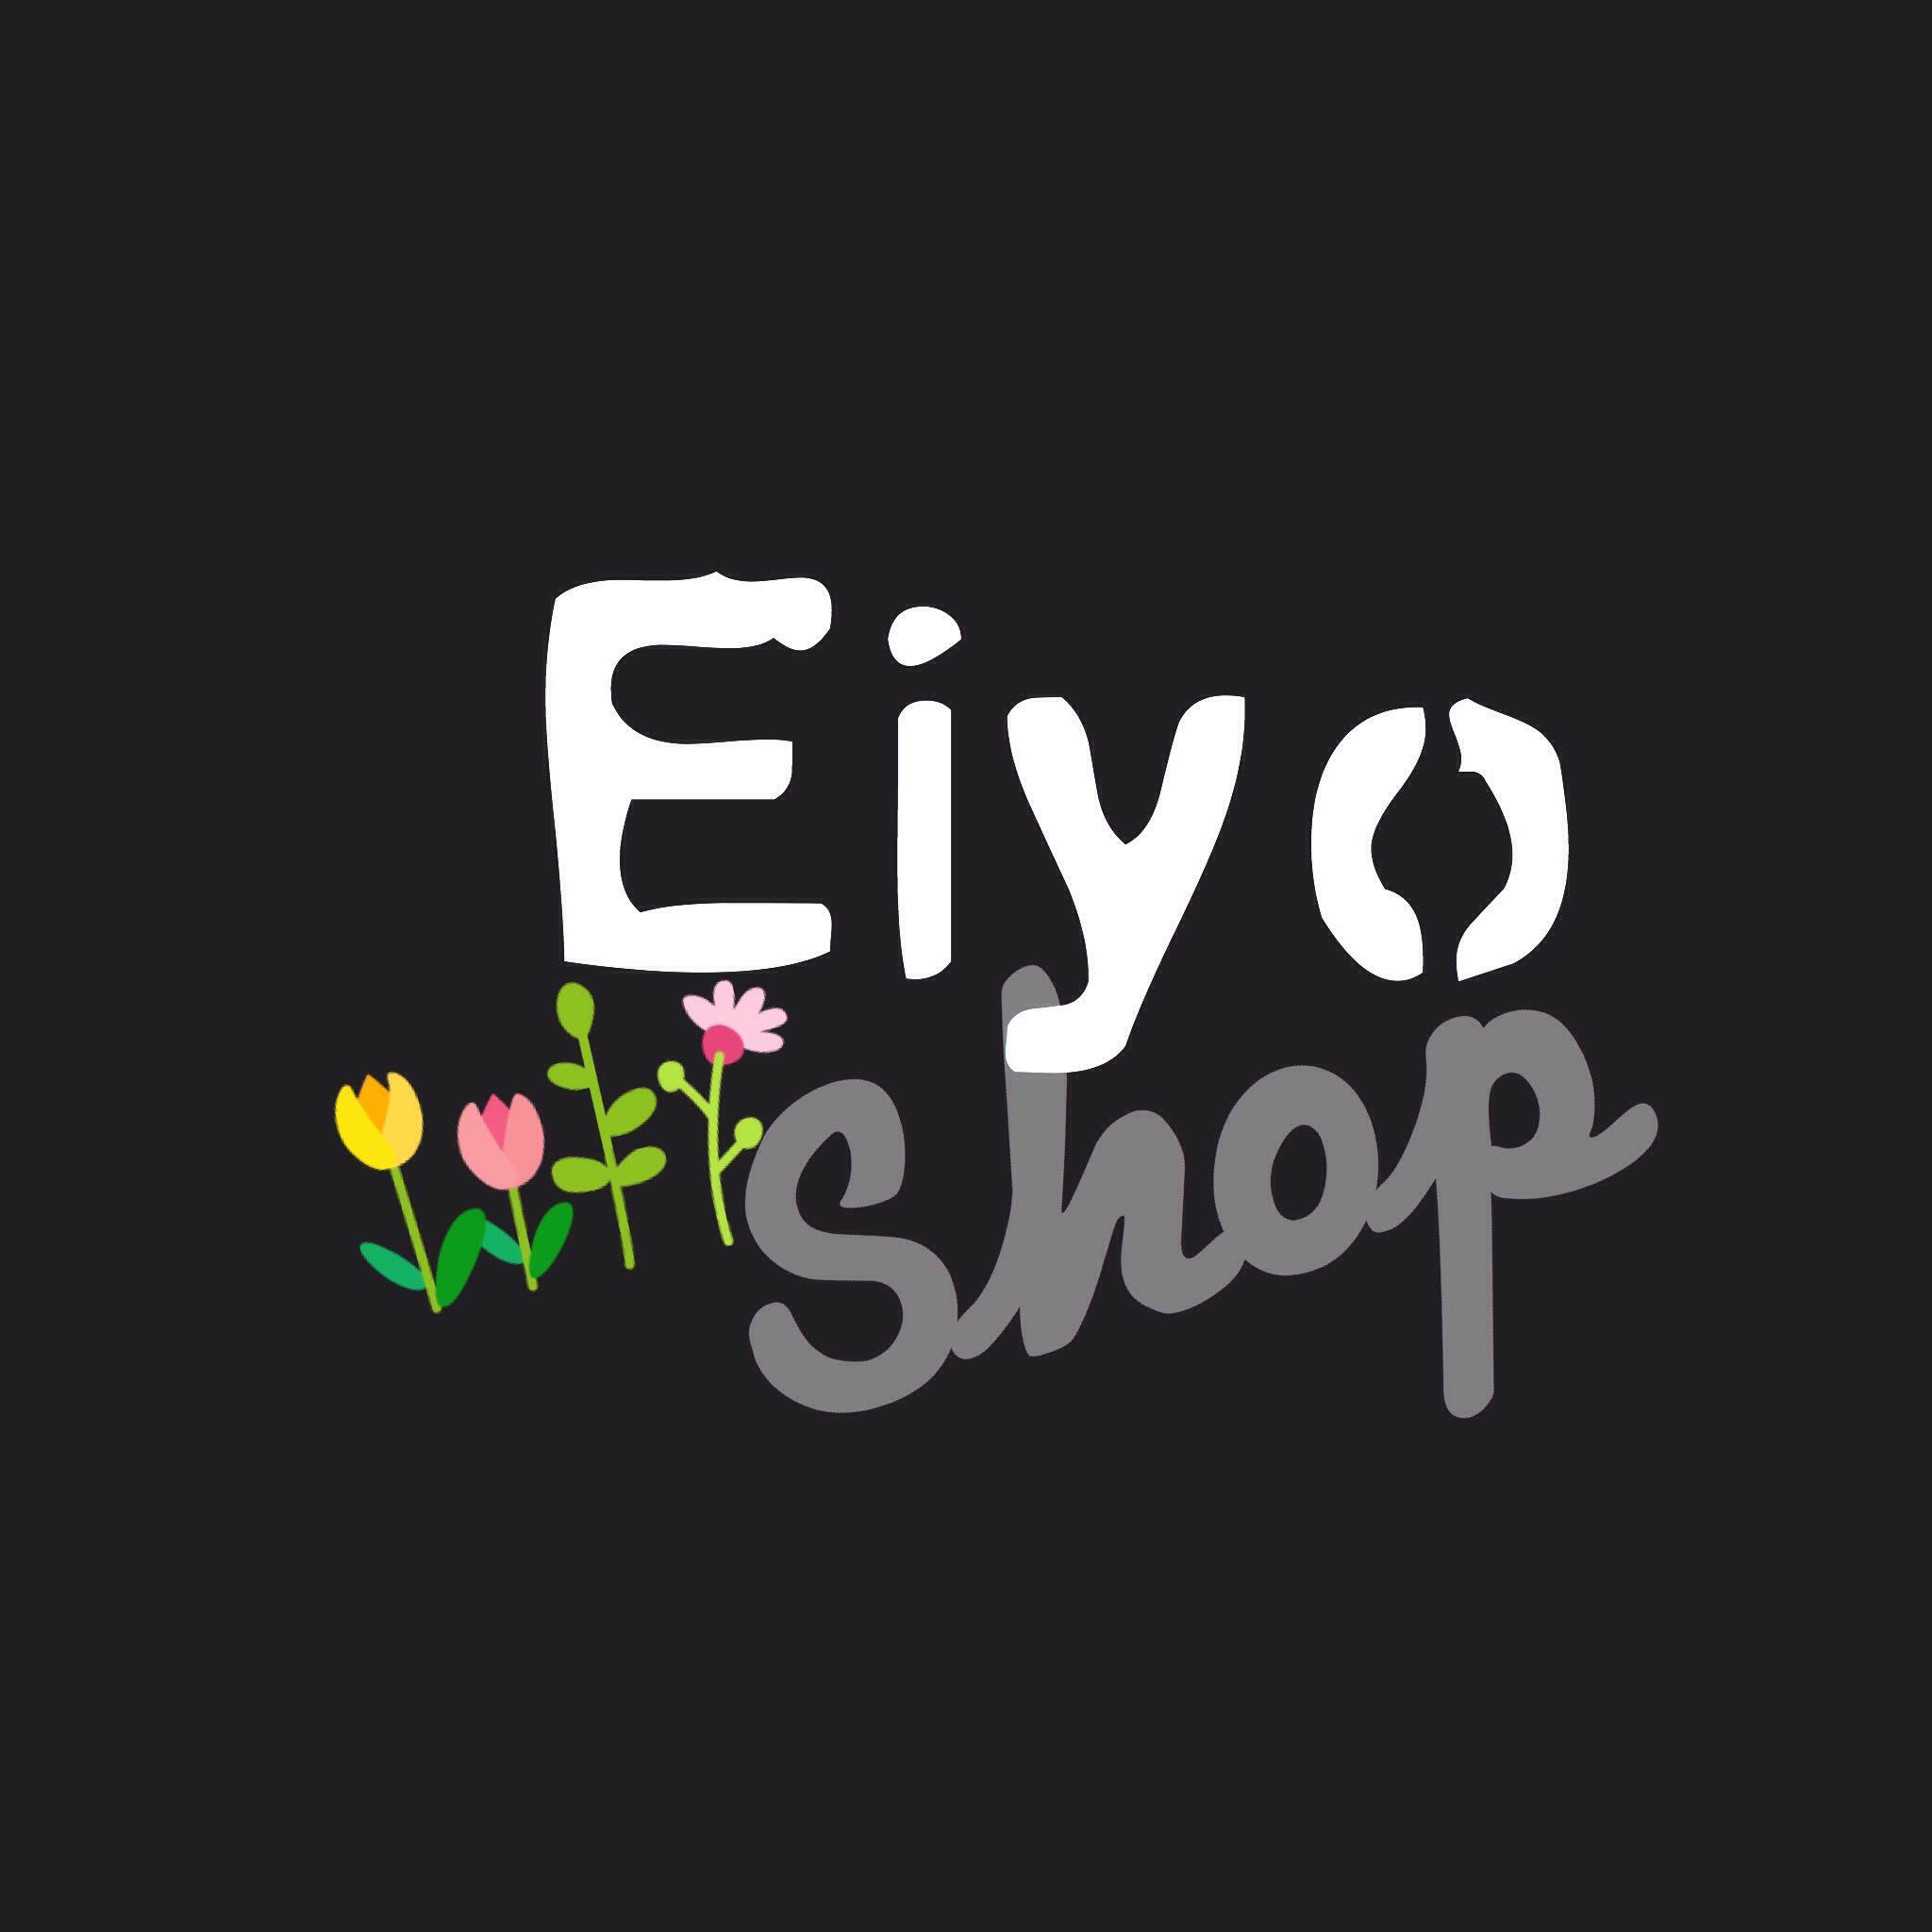 eiyo.shop